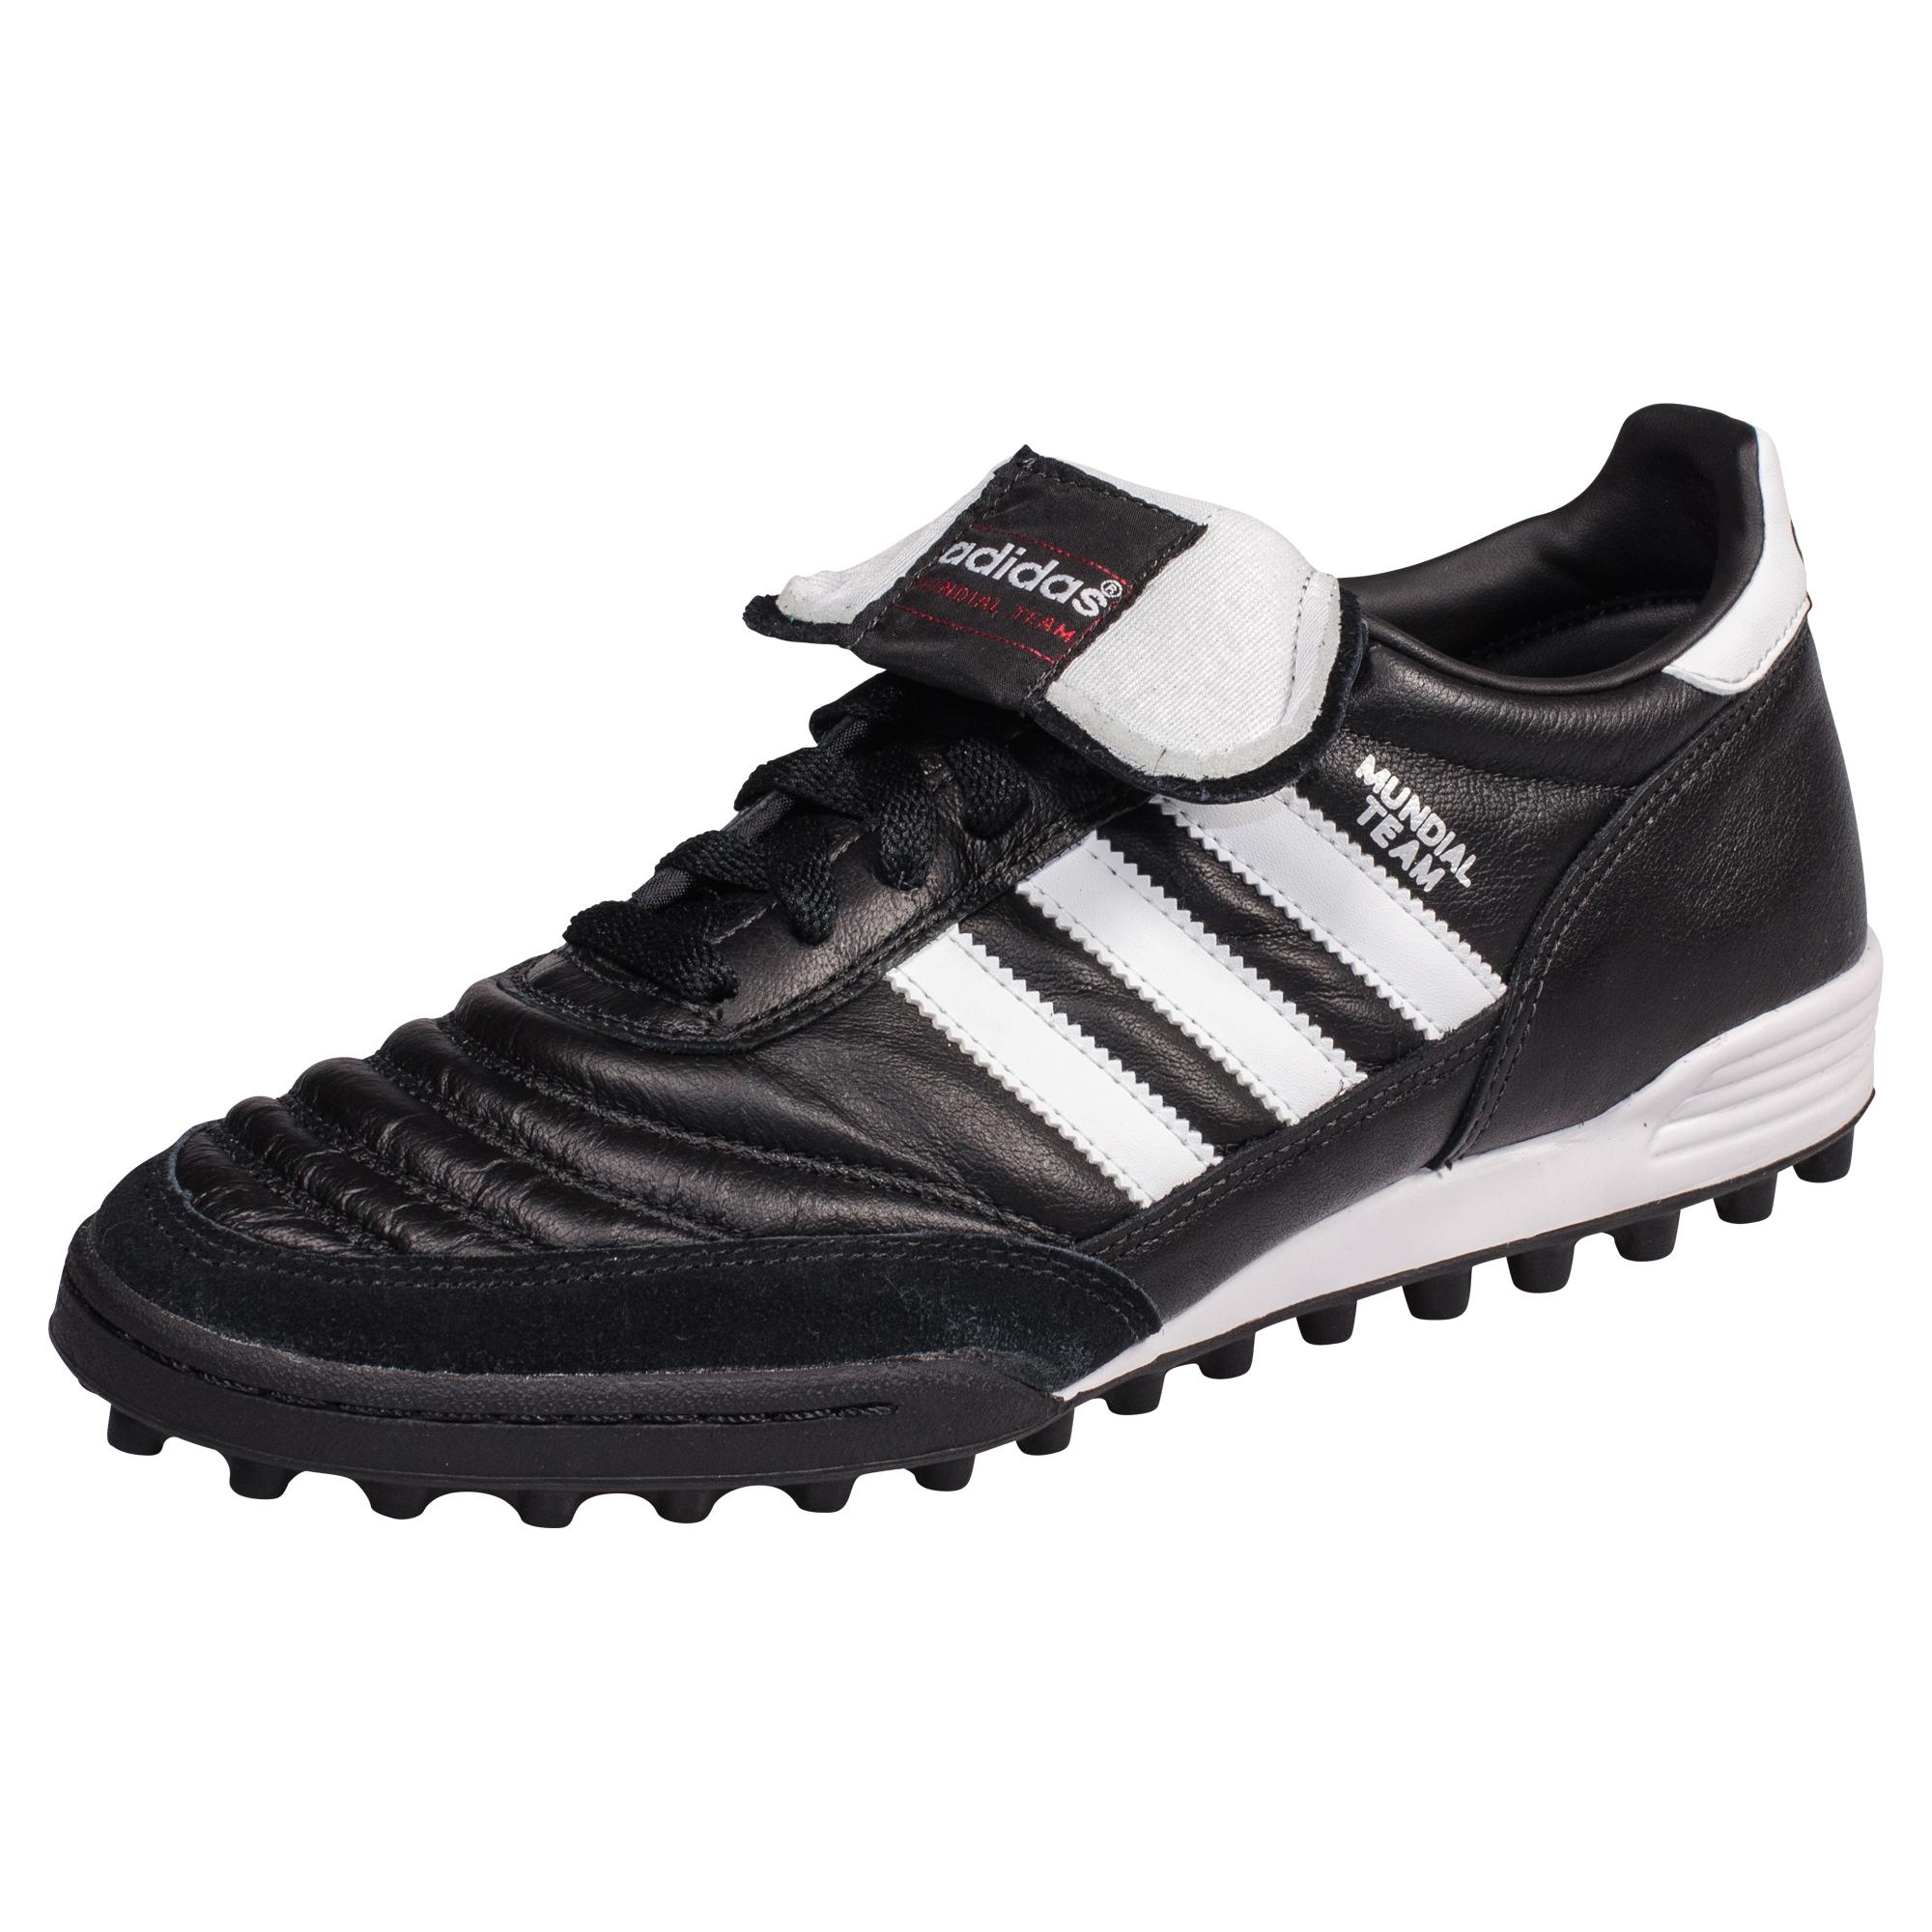 adidas Performance Mundial Team Fußballschuh Herren | Schuhe > Sportschuhe | Schwarz | Leder | Adidas Performance